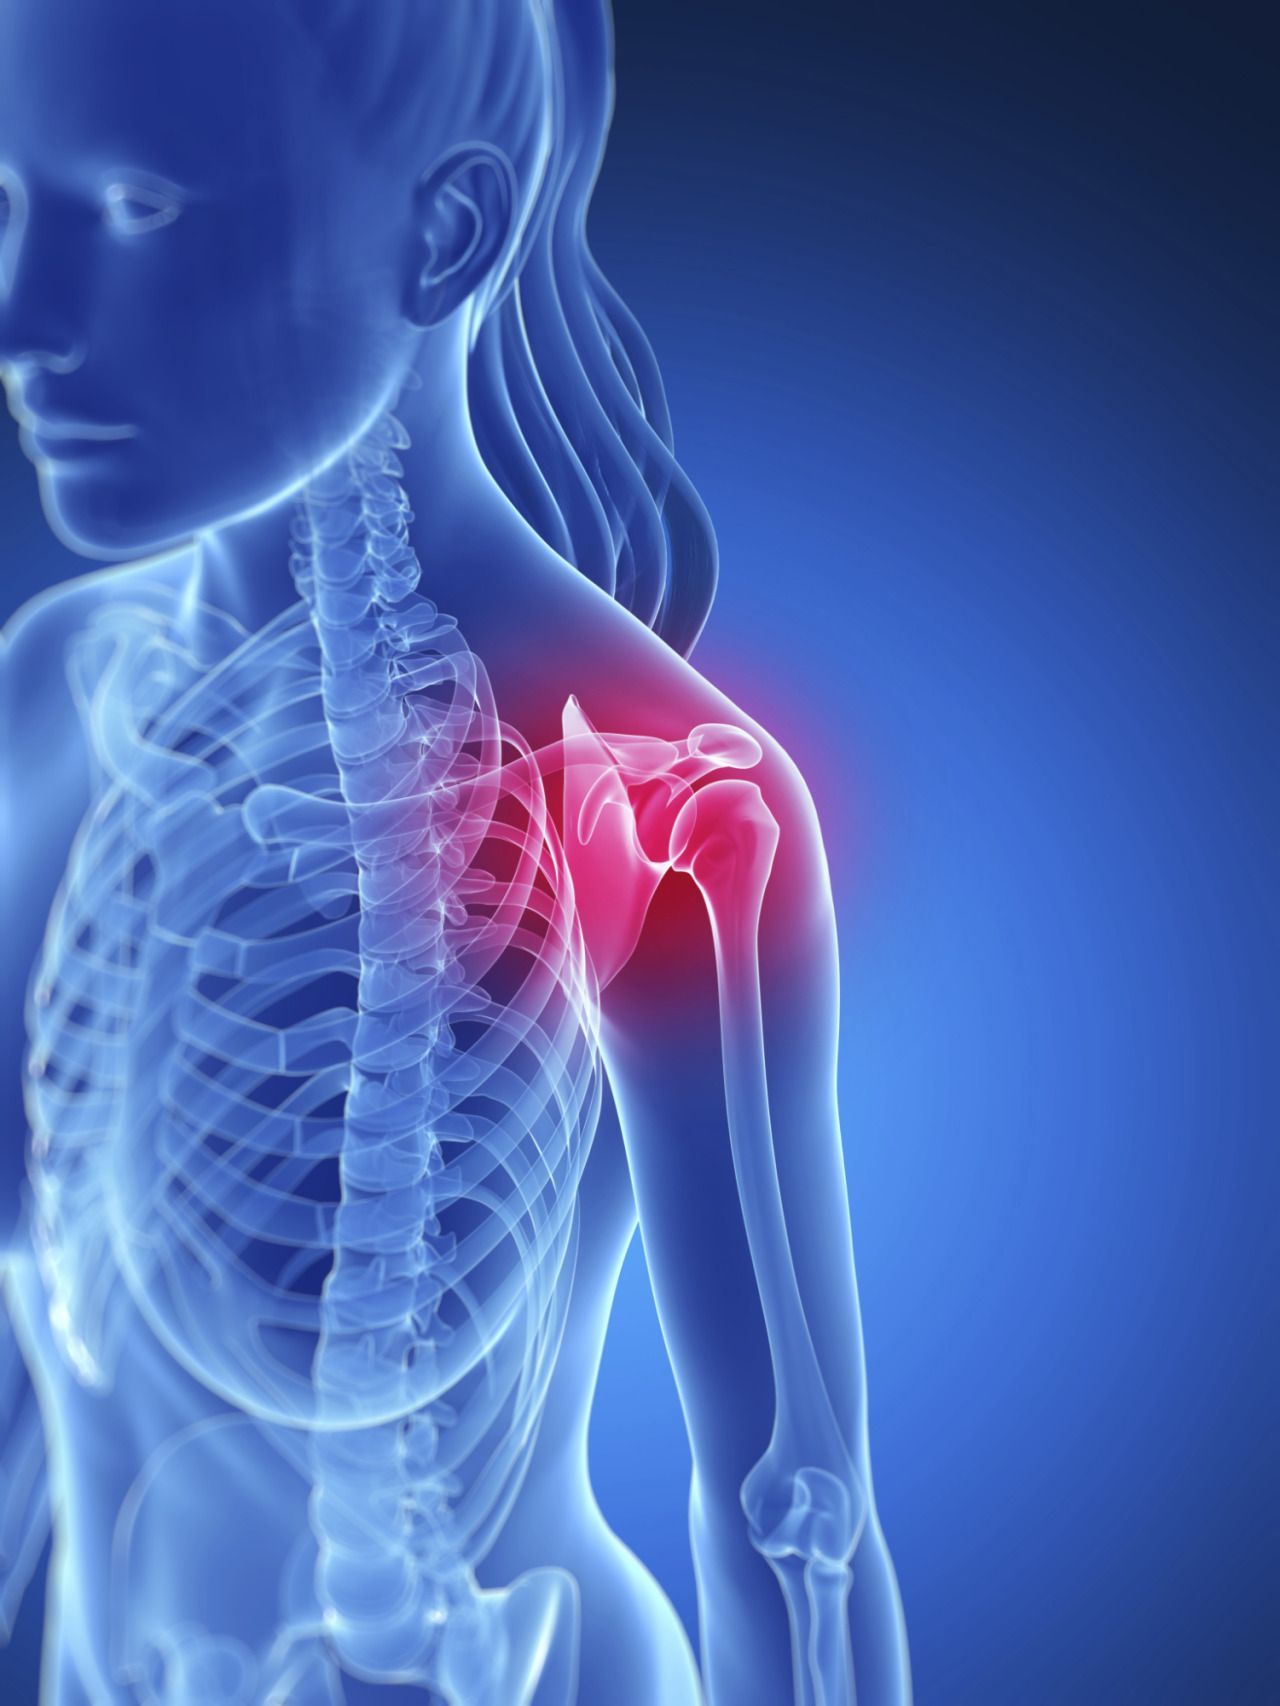 Del musculos de inflamacion cuerpo los